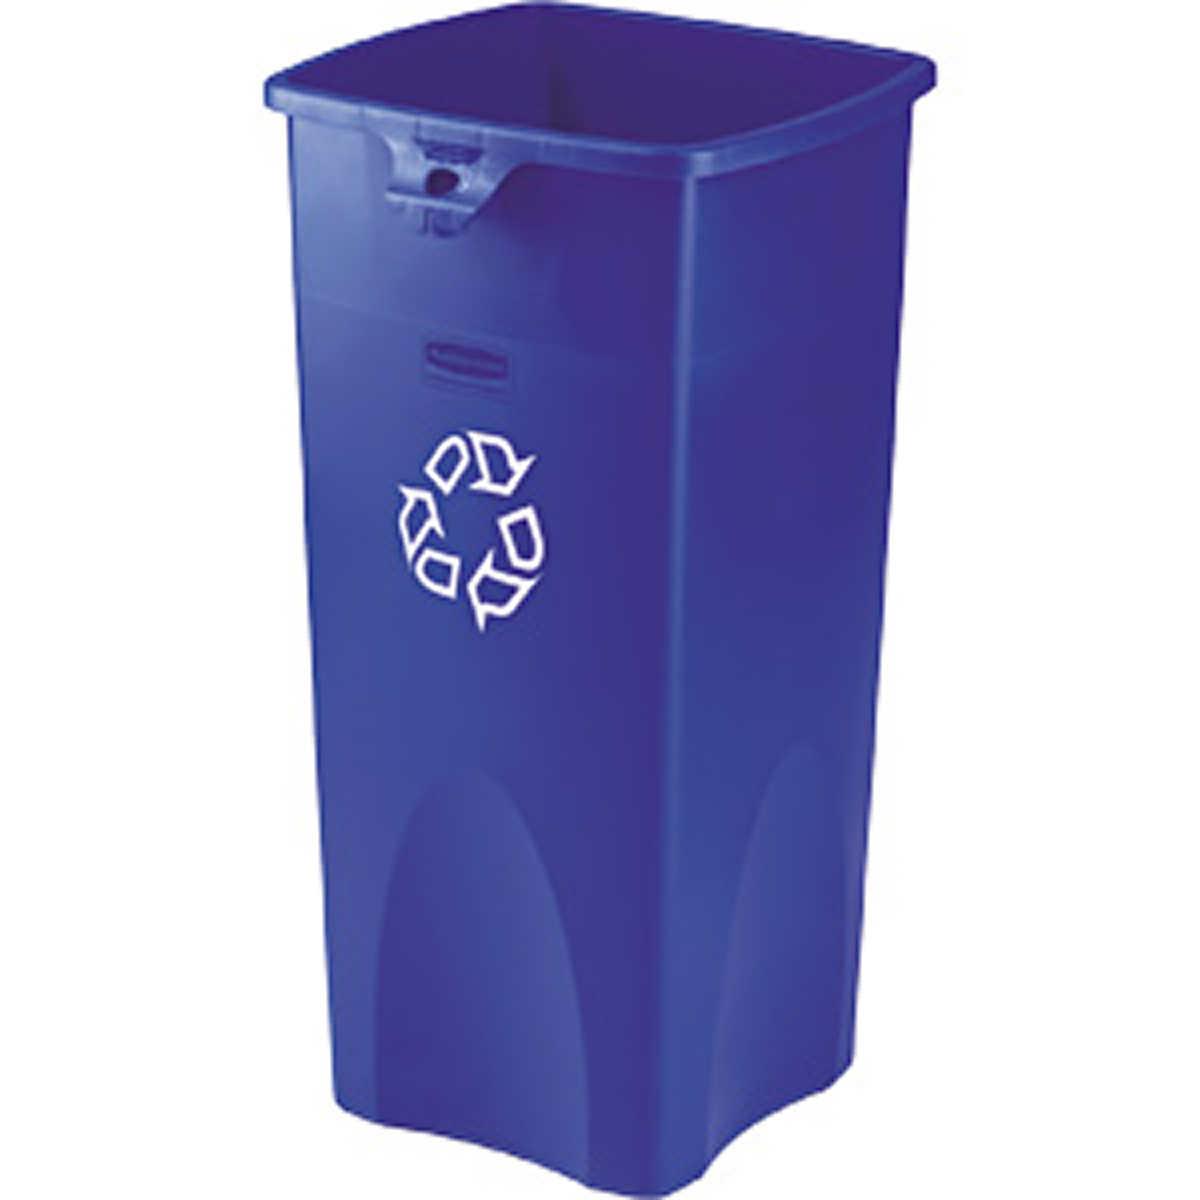 Rubbermaid Untouchable Recycling Bin Blue 23 Gal